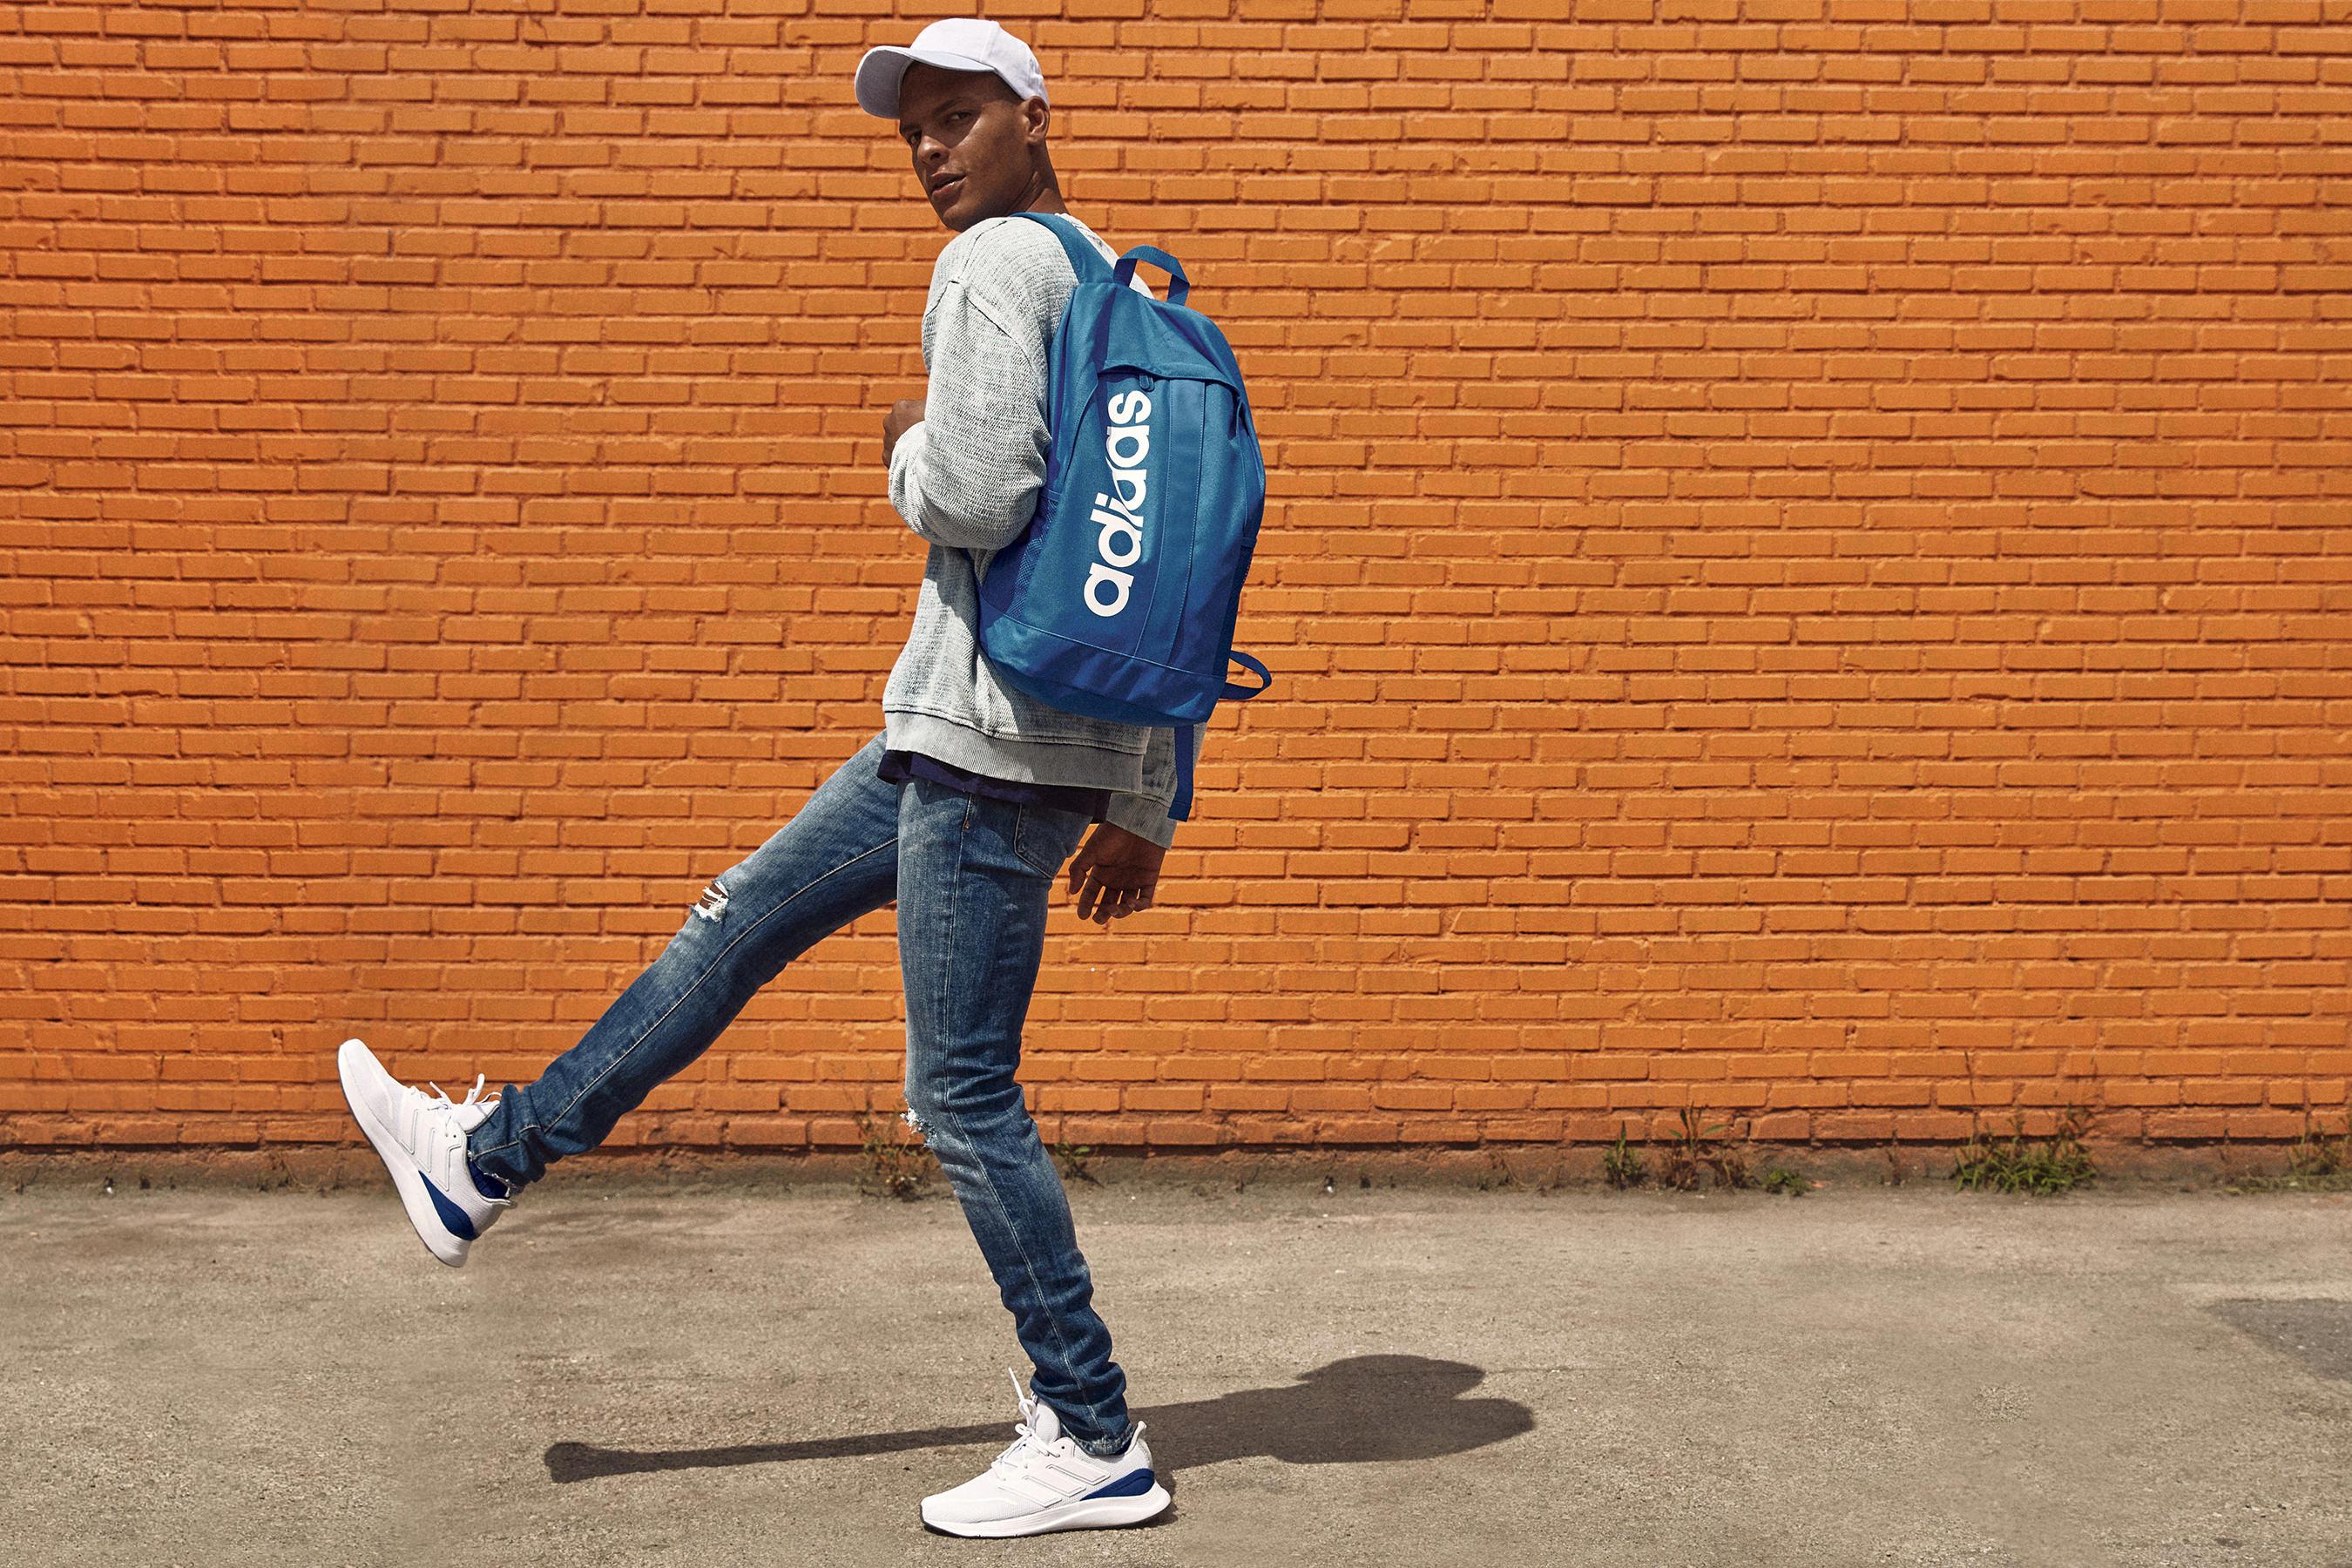 NikeFlo_1660